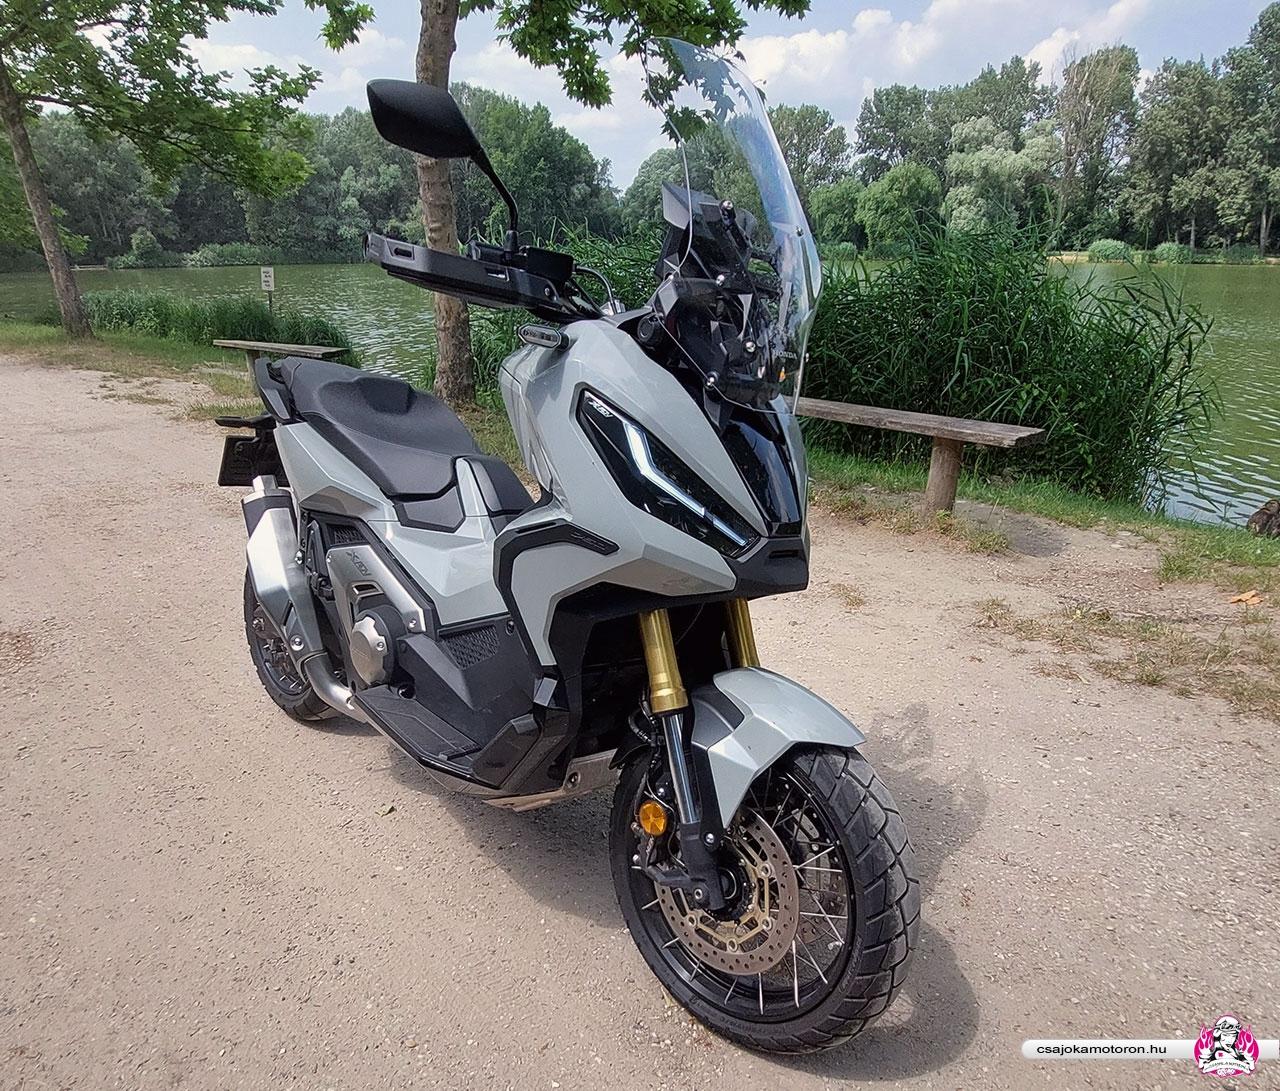 honda-x-adv-750-2021-teszt-csajokamotoron-10